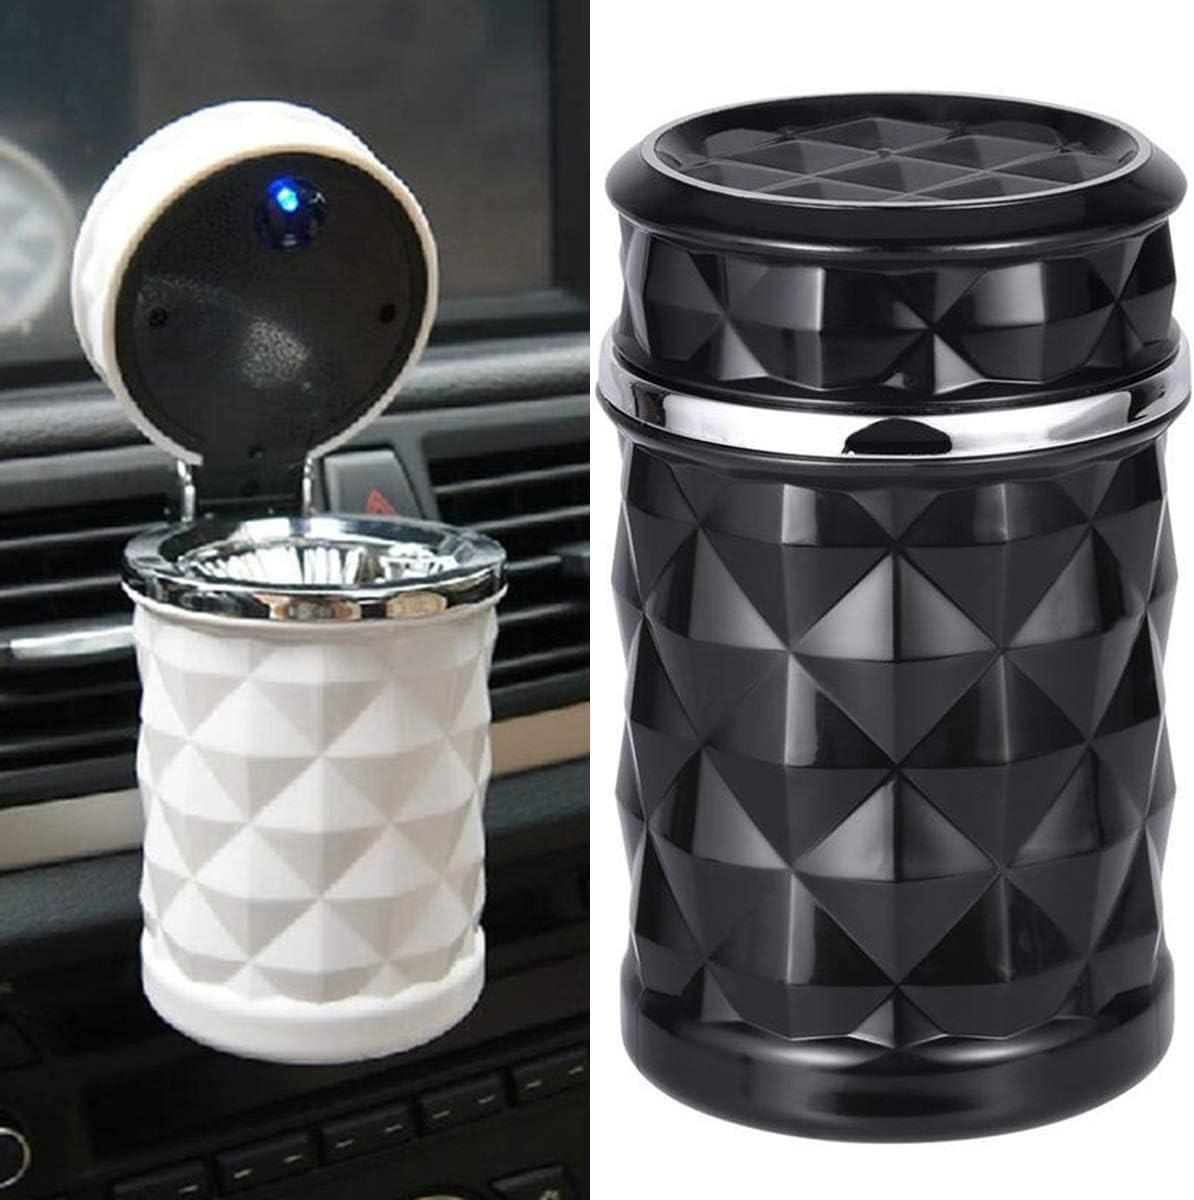 Posacenere per auto da viaggio portatile con portacandele leggero a LED per cenere Portaspazzolino facile da staccare Supporto per veicolo auto senza fumo Posacenere bomboletta Color : Black